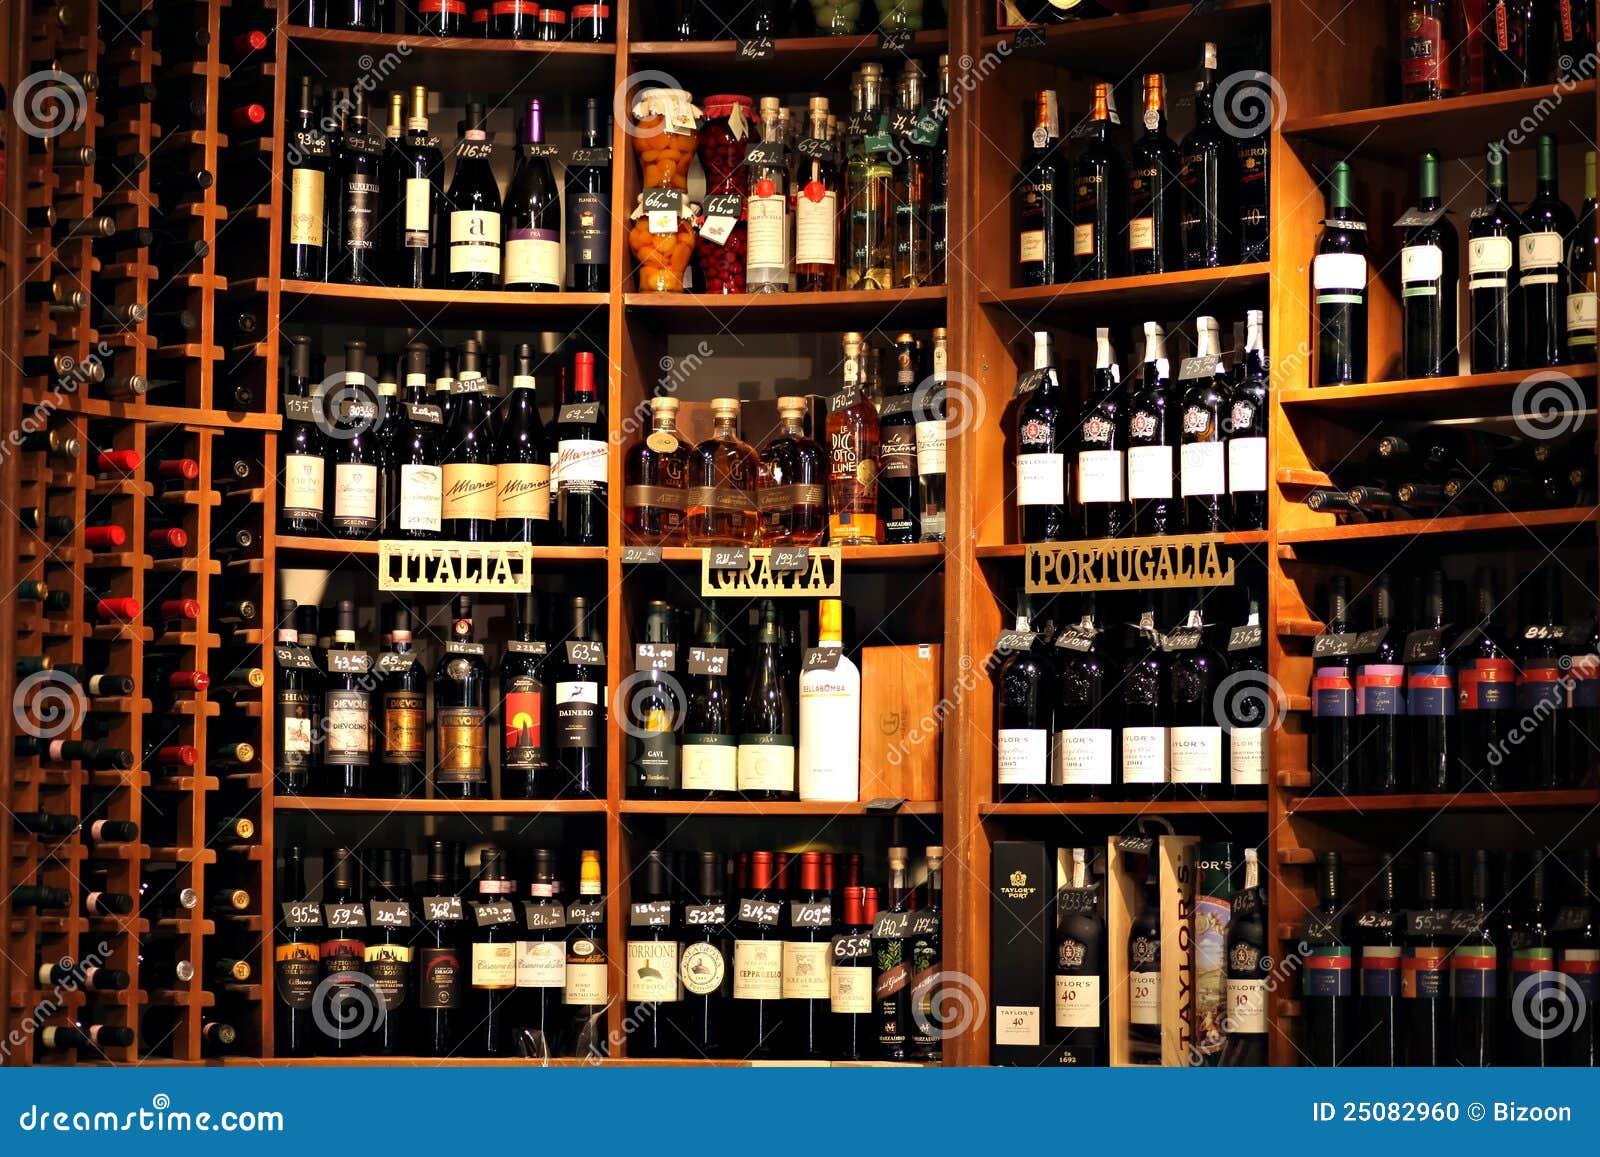 Botellas de vino imagen editorial. Imagen de sótano, rojo - 25082960